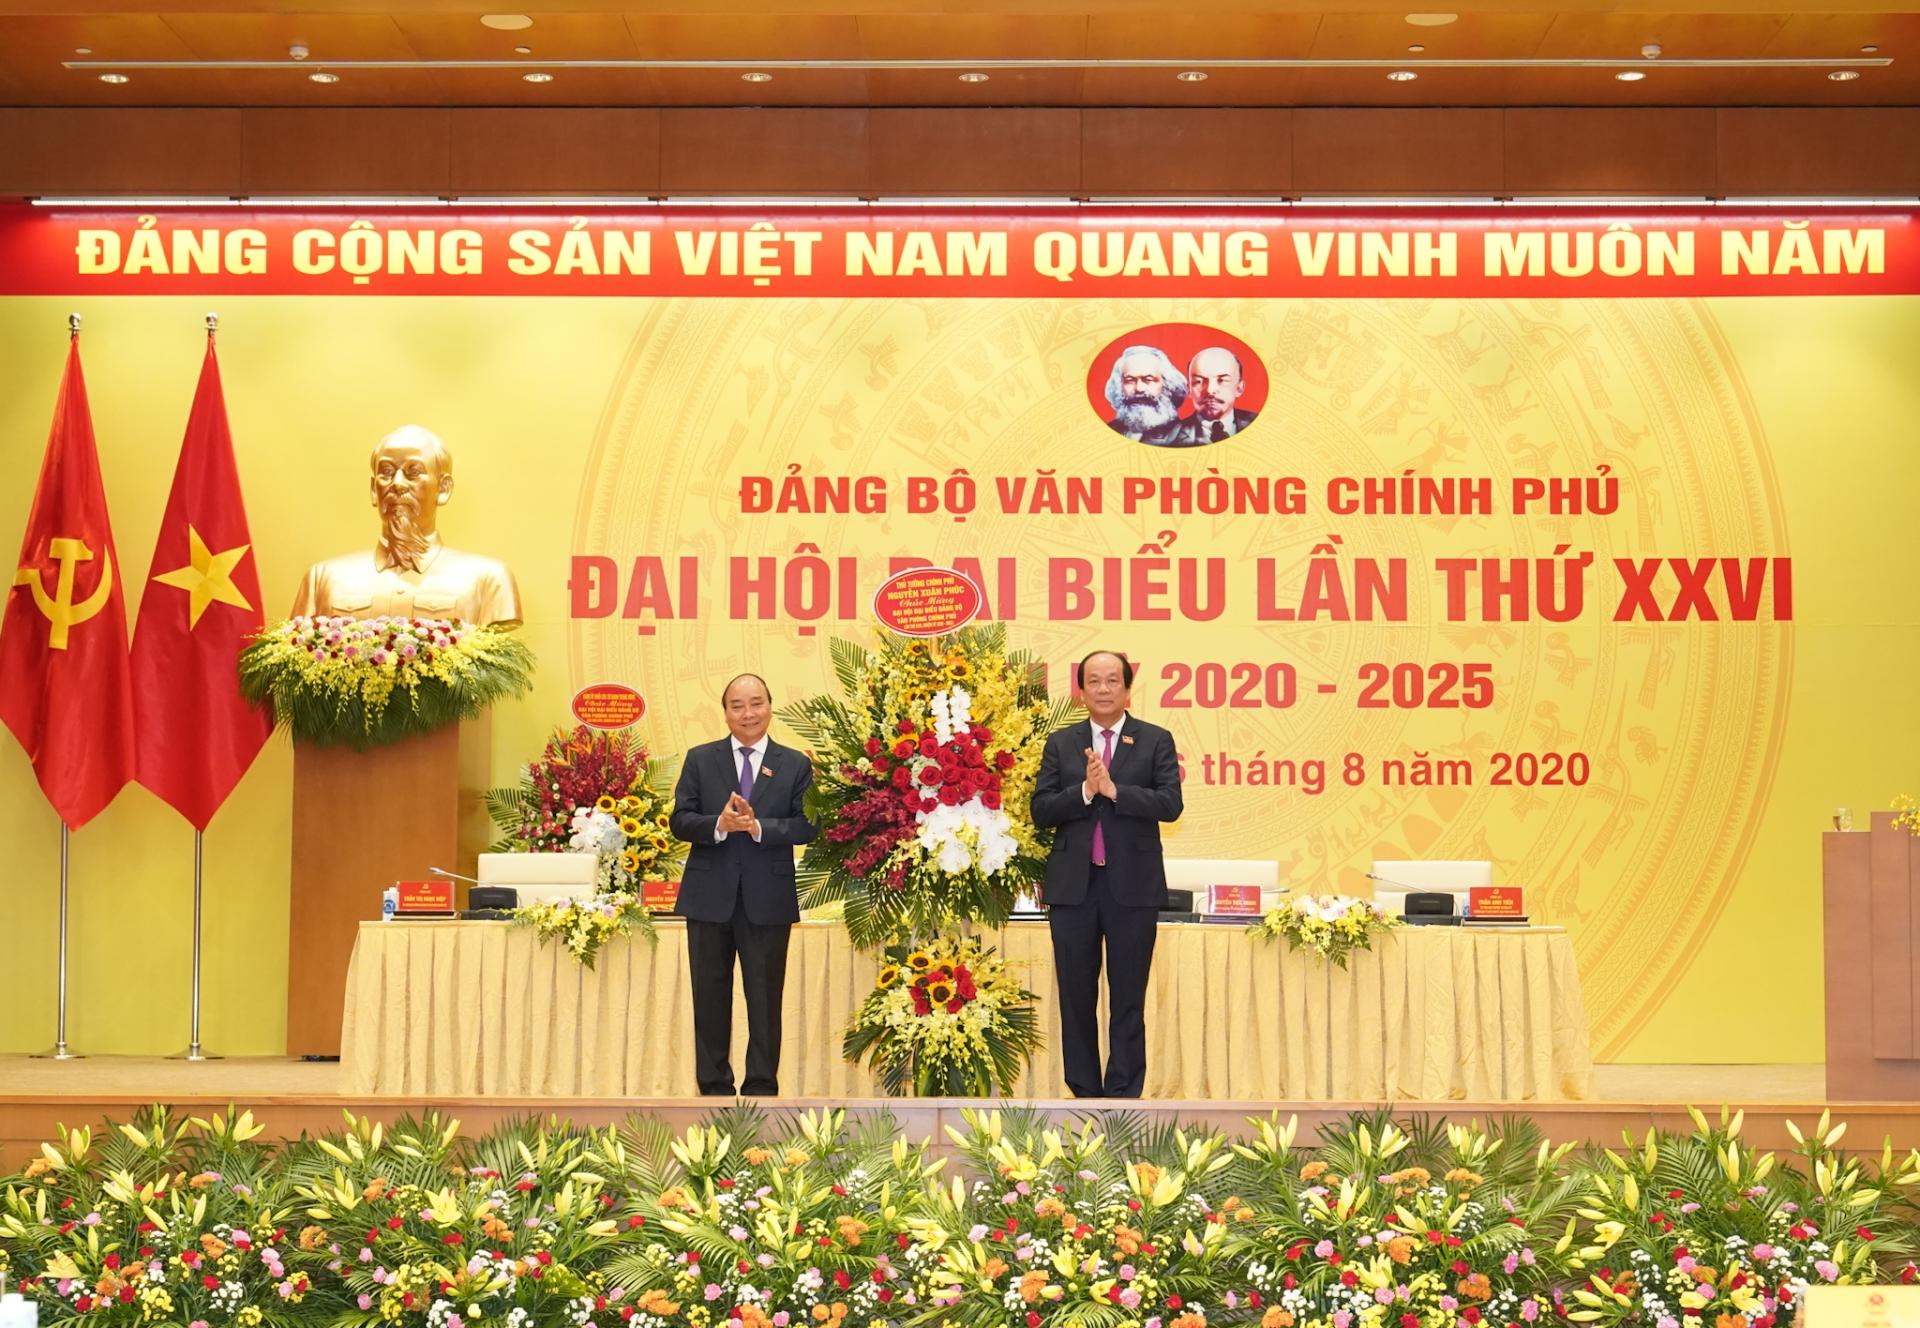 Đại hội Đảng bộ VPCP: Phát huy đoàn kết, dân chủ, kỷ cương, đổi mới và phát triển